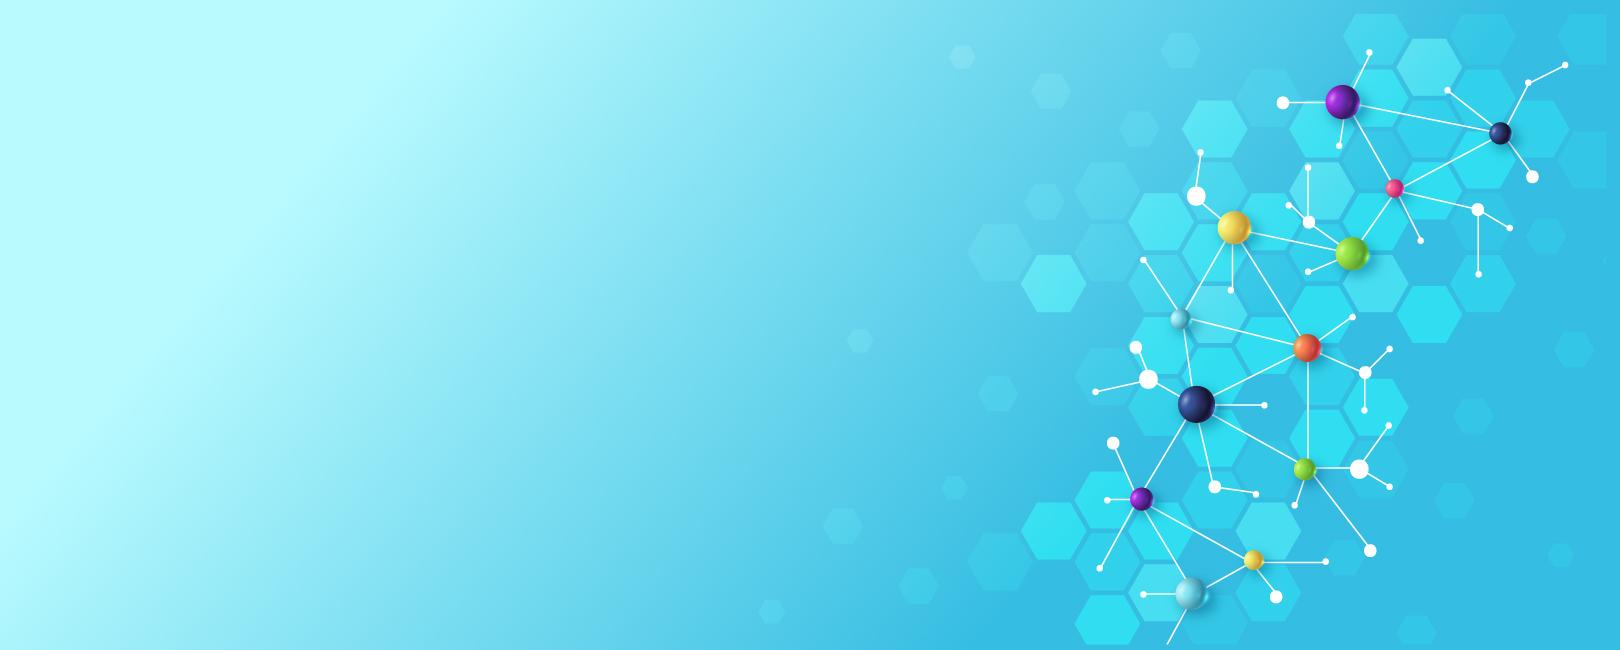 Encuentro Innova&acción – La visión científica en la innovación